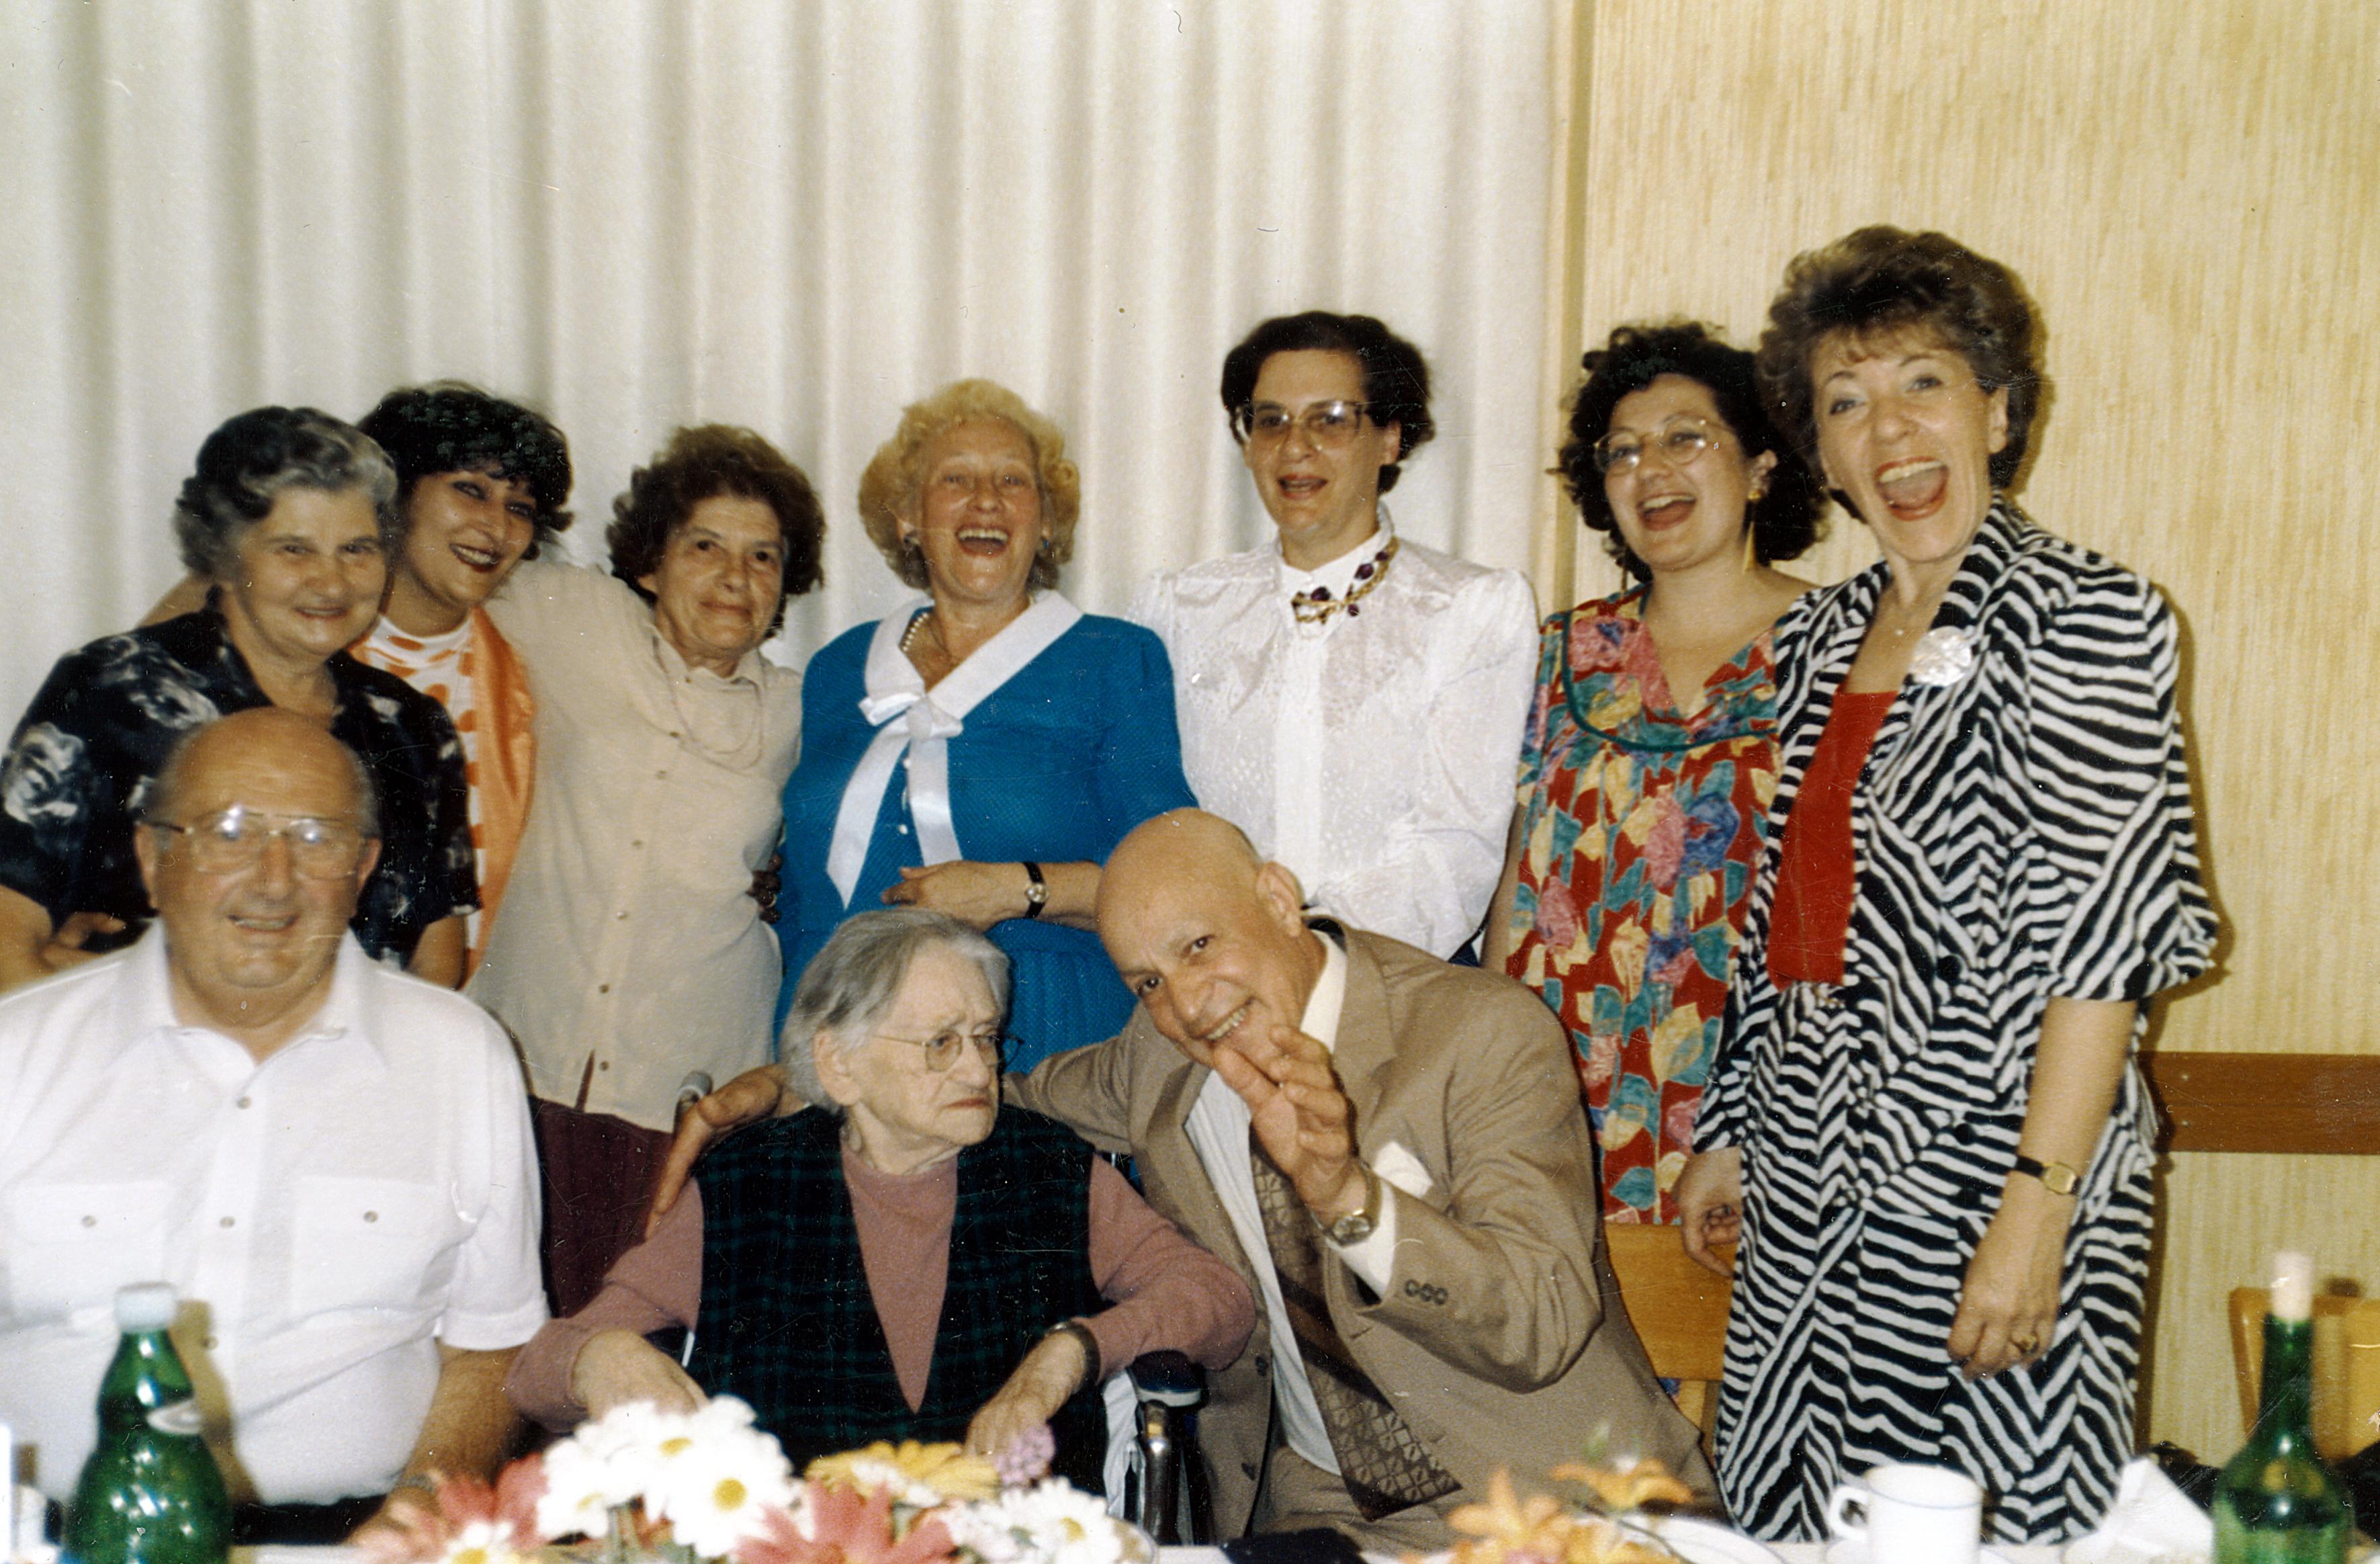 Sofie Kolm feiert ihren 100. Geburtstag mit ihrer Familie